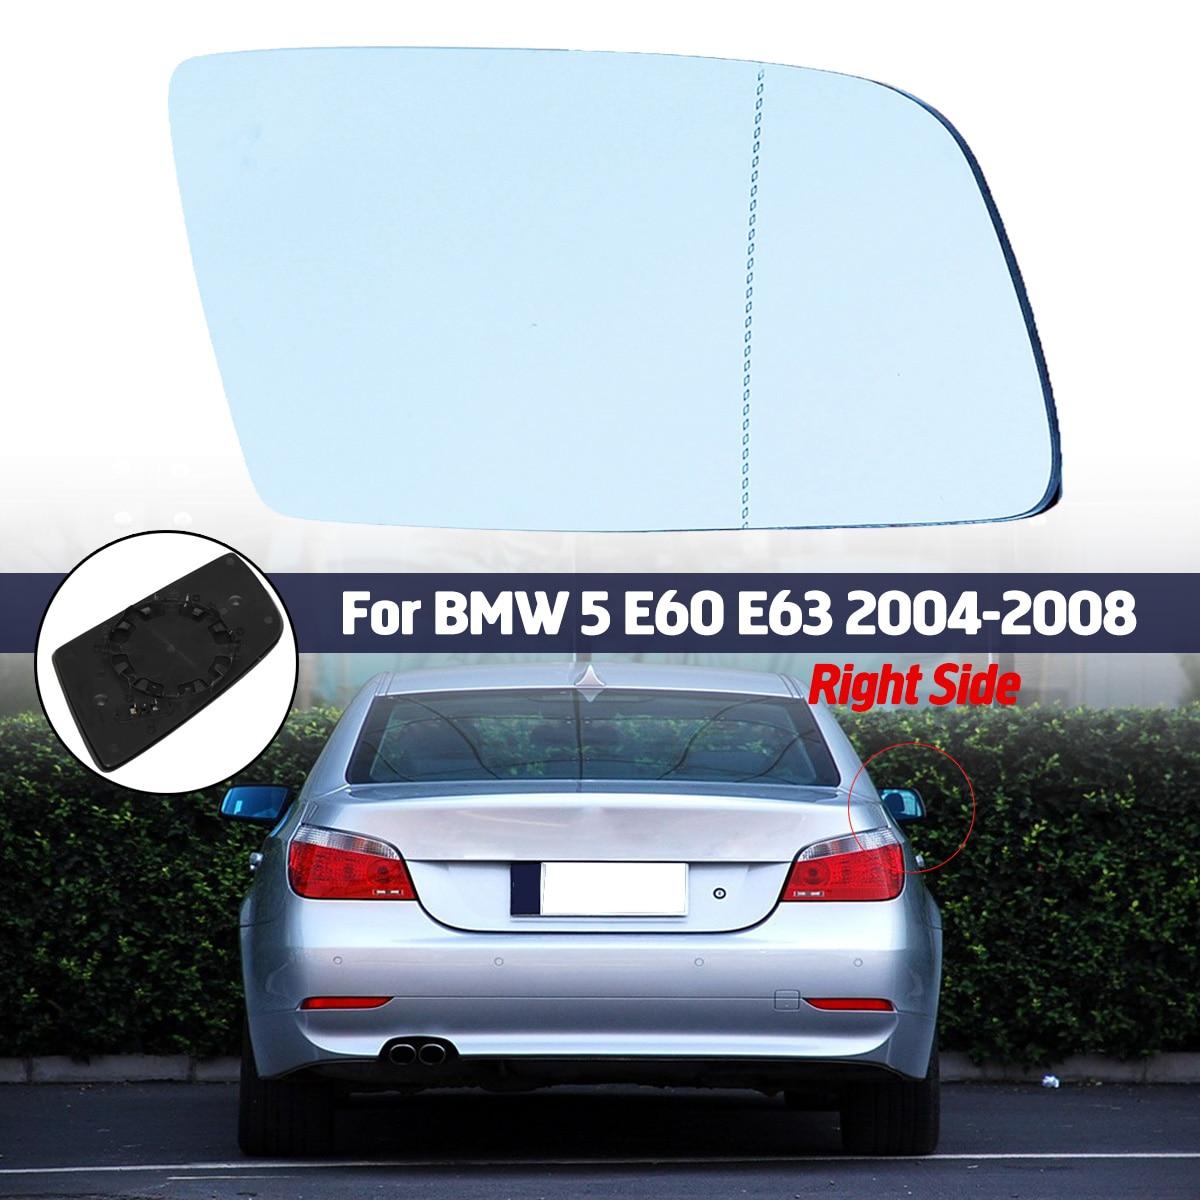 Rechte Seite Blau Beheizte Elektrische Flügel Spiegel Glas Für BMW E60 520d 520i 523li 525li 530li Für BMW 6 Serie e63 E64 2004-2008